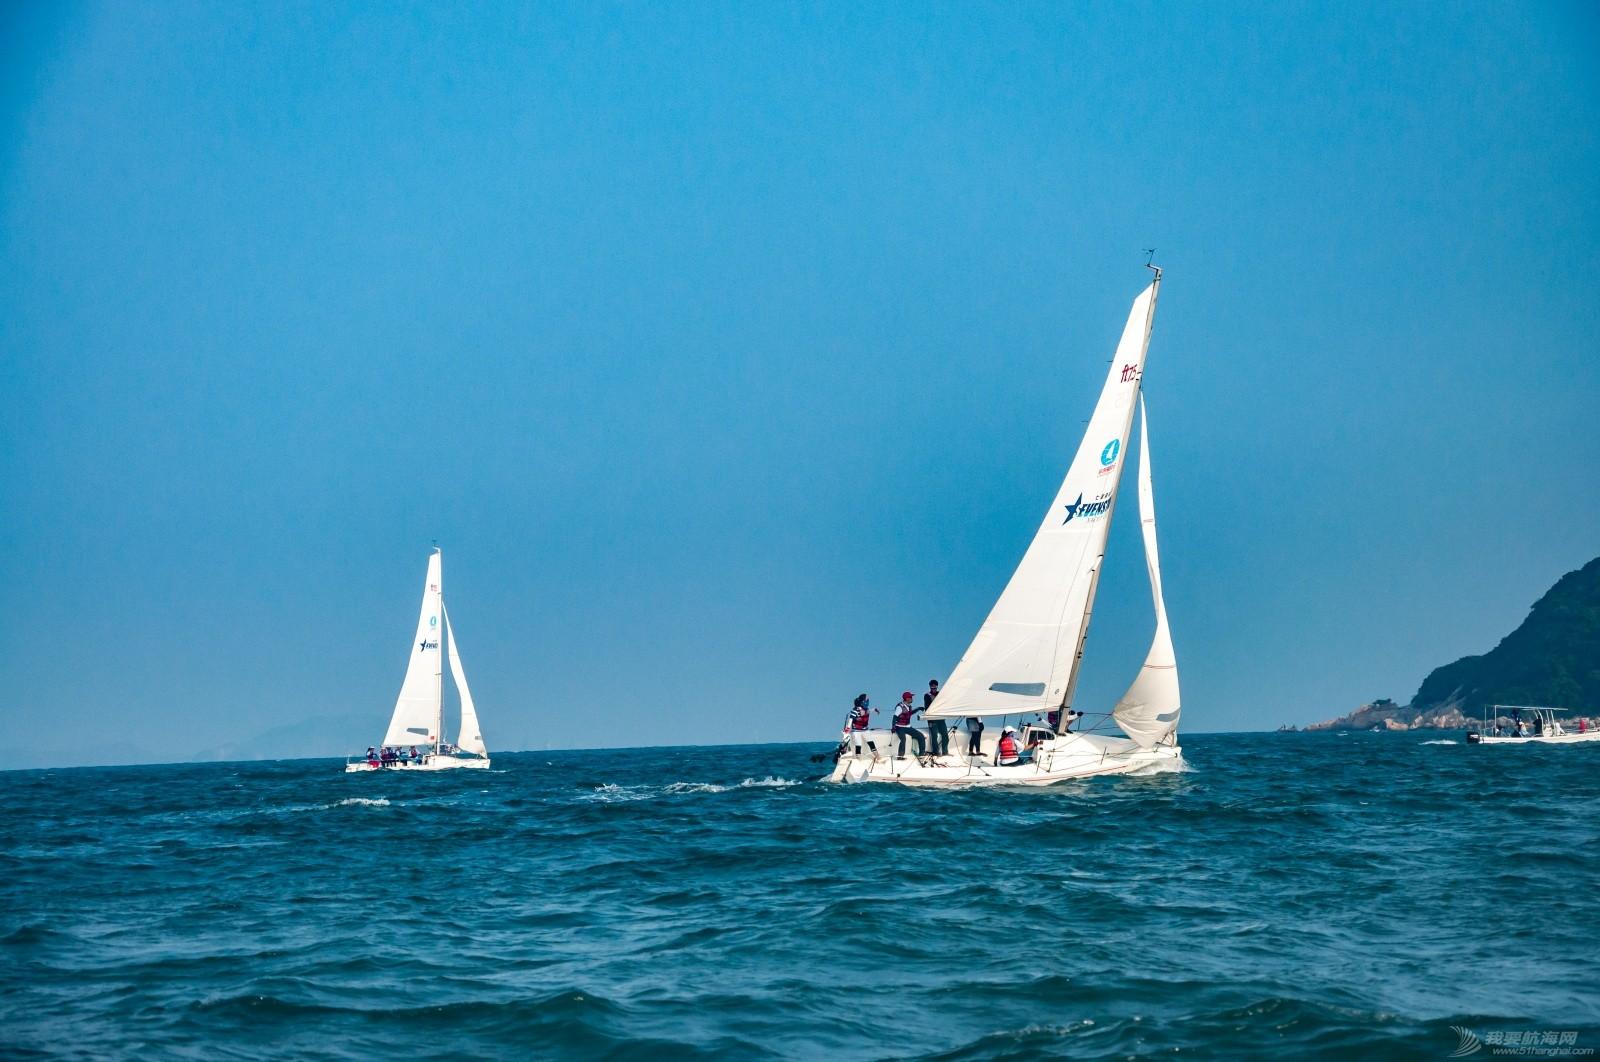 【2015大鹏杯帆船赛】51航海网船队在比赛中 s016.jpg